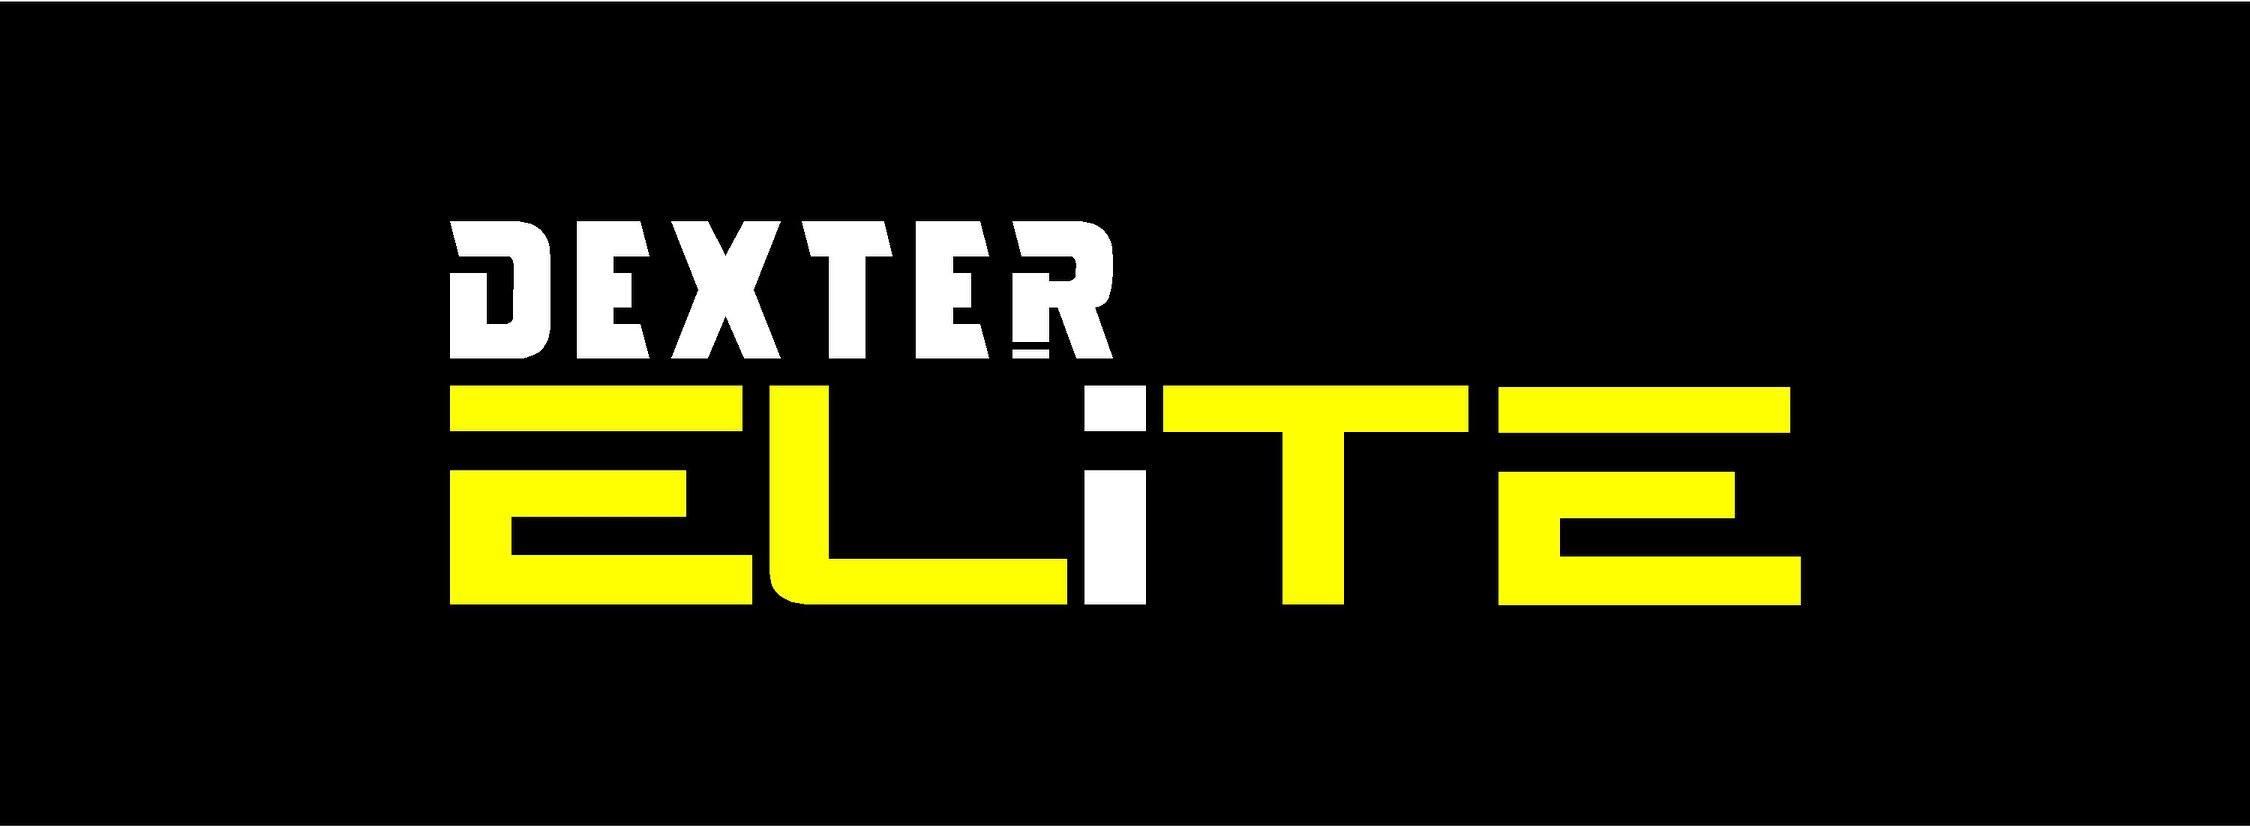 dexter_elite_logo_02.jpg